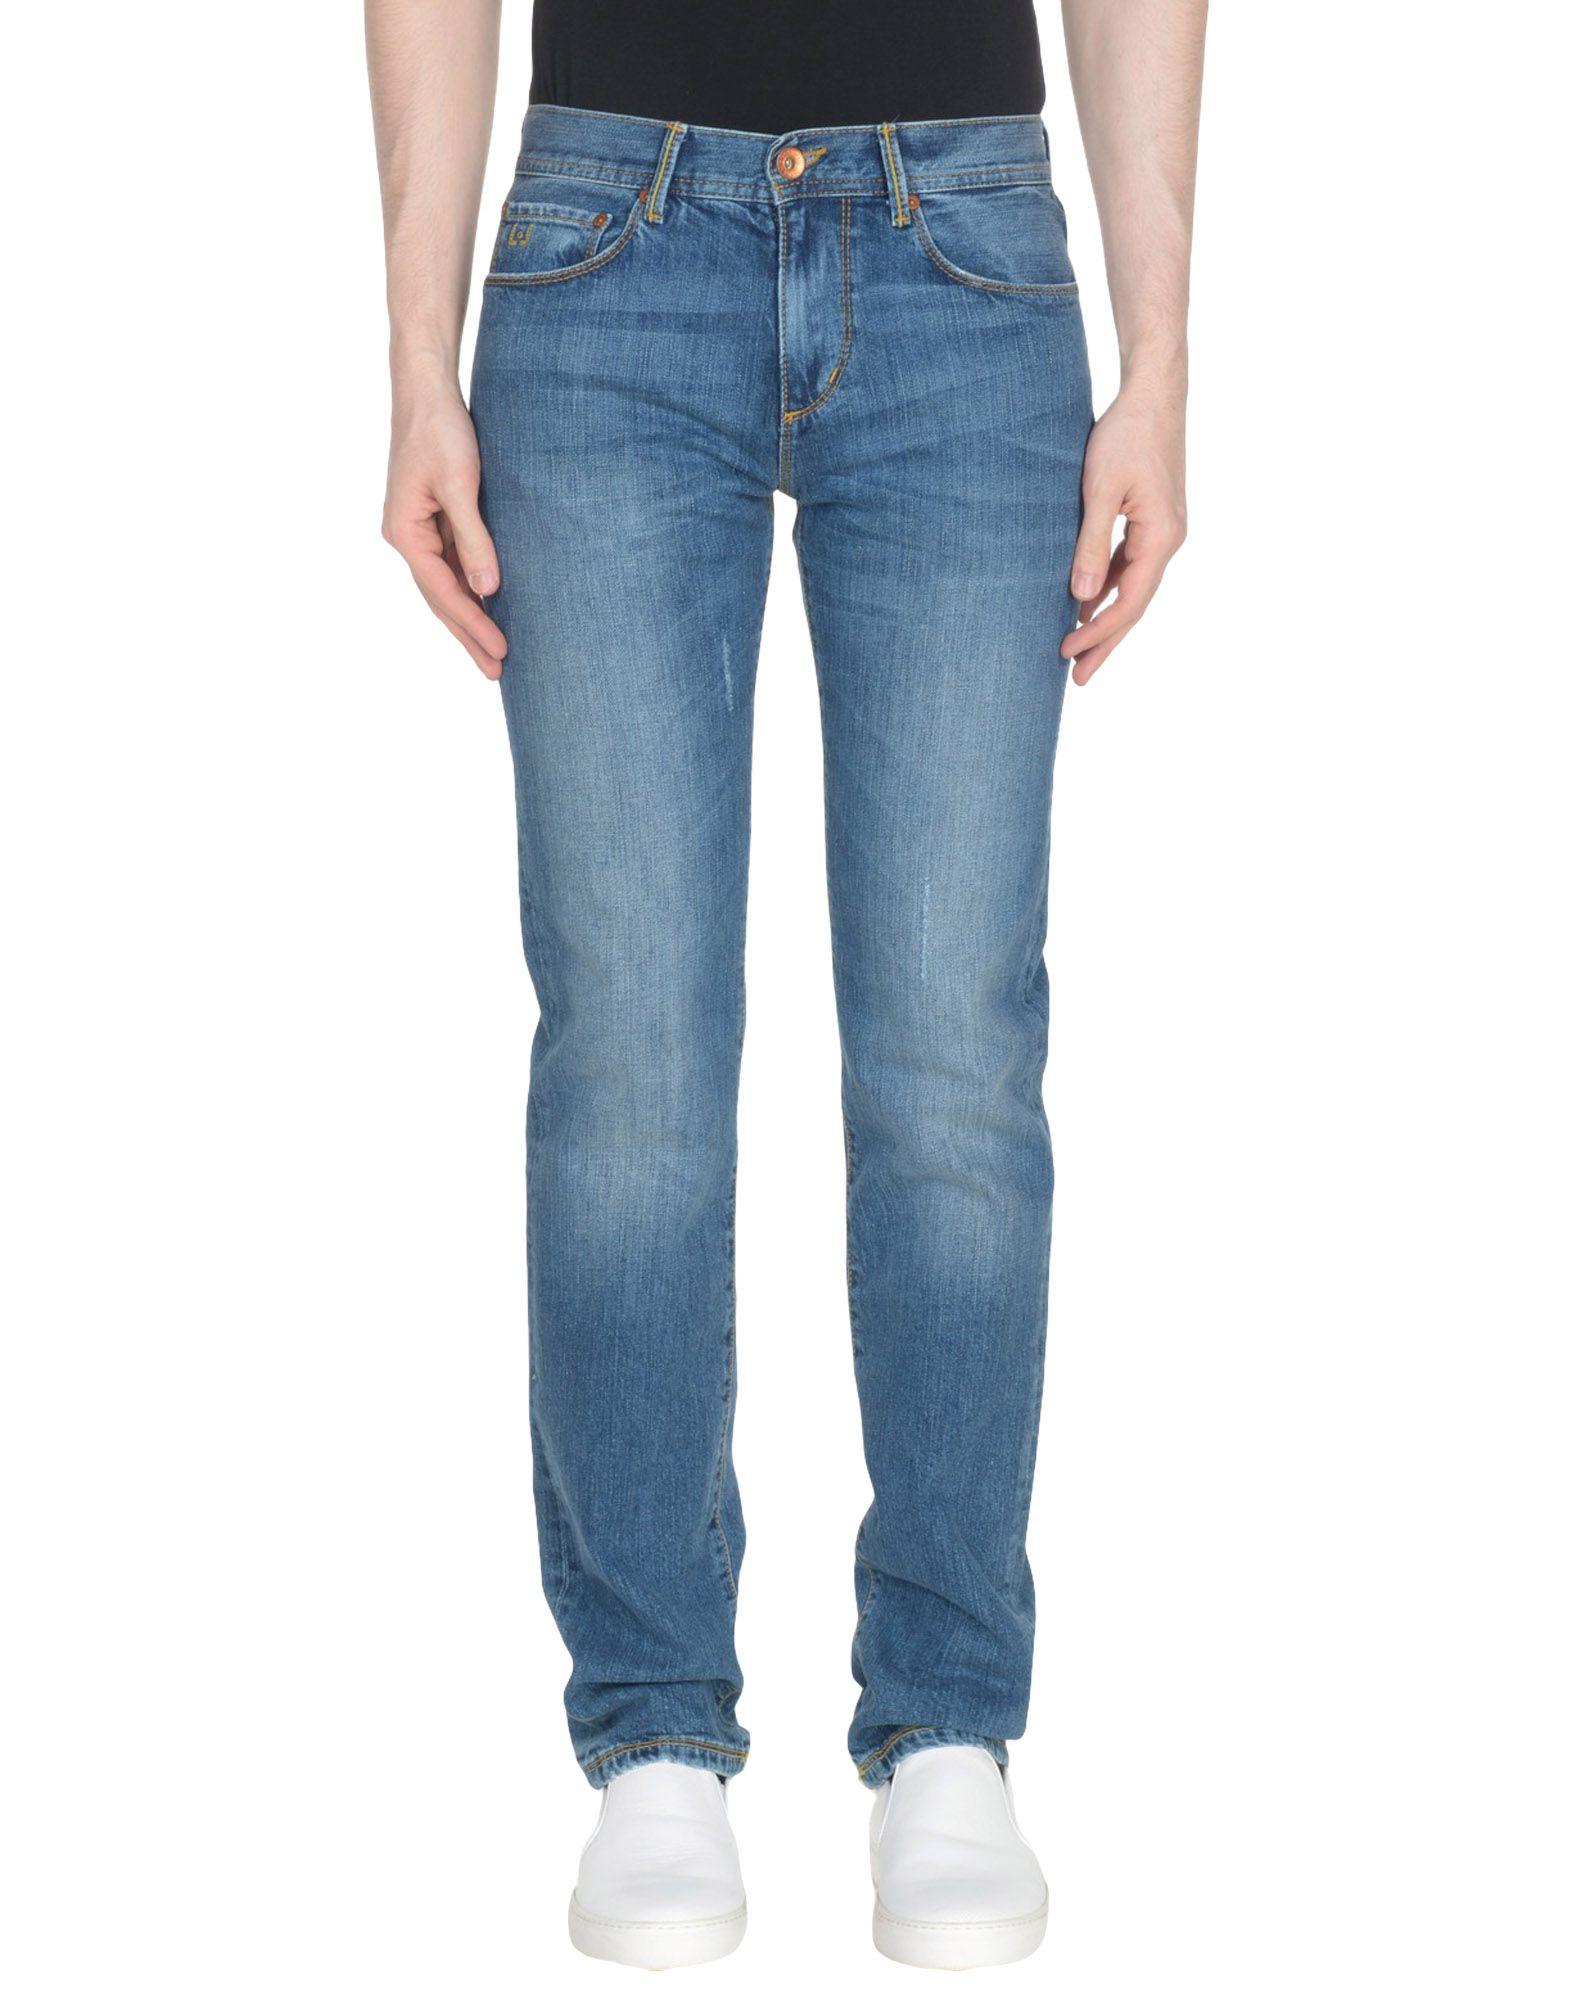 Pantaloni Jeans Liu  - Jo Uomo -  42659146VB 1c90e6